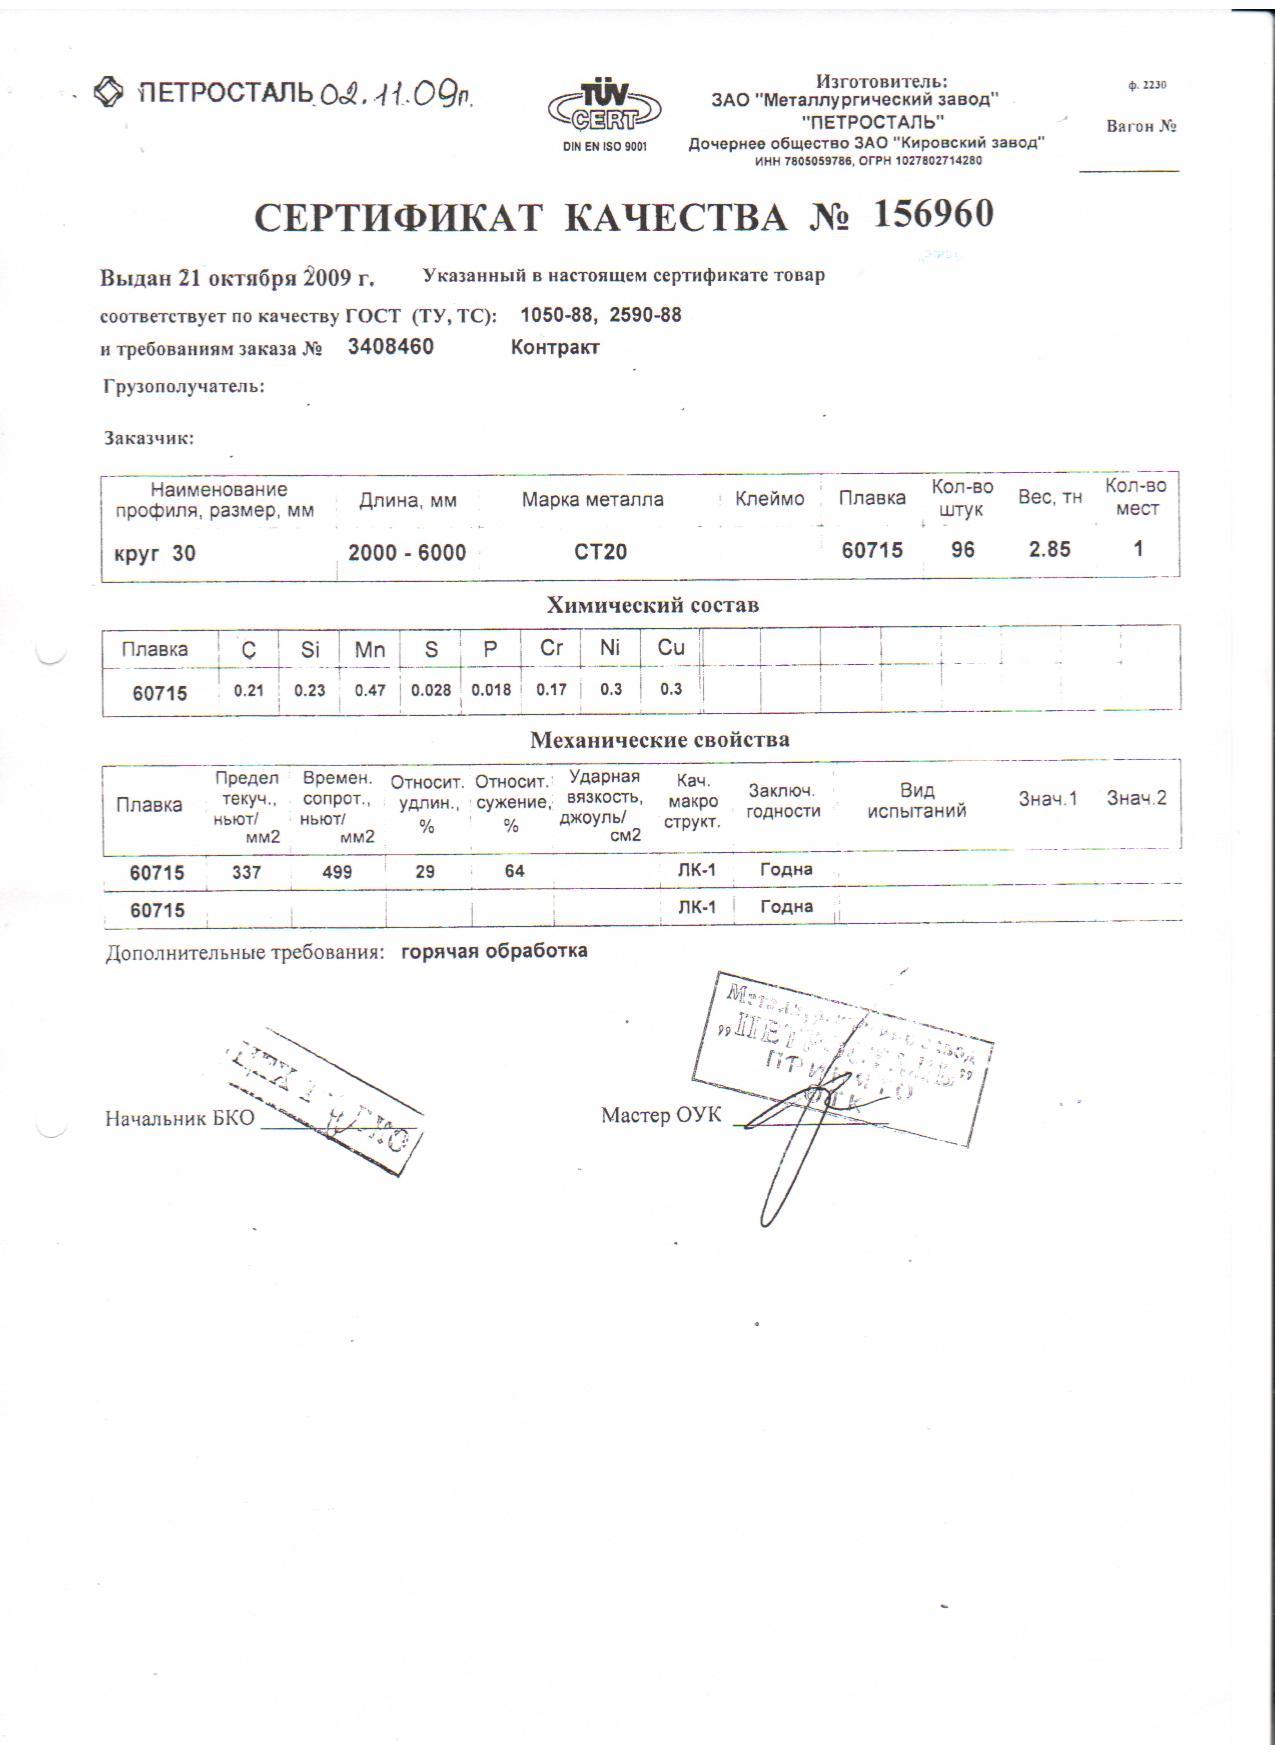 Сертификат качества на круг диаметром 20 30 гост 2590-88 скачать сертификат гост 530-80